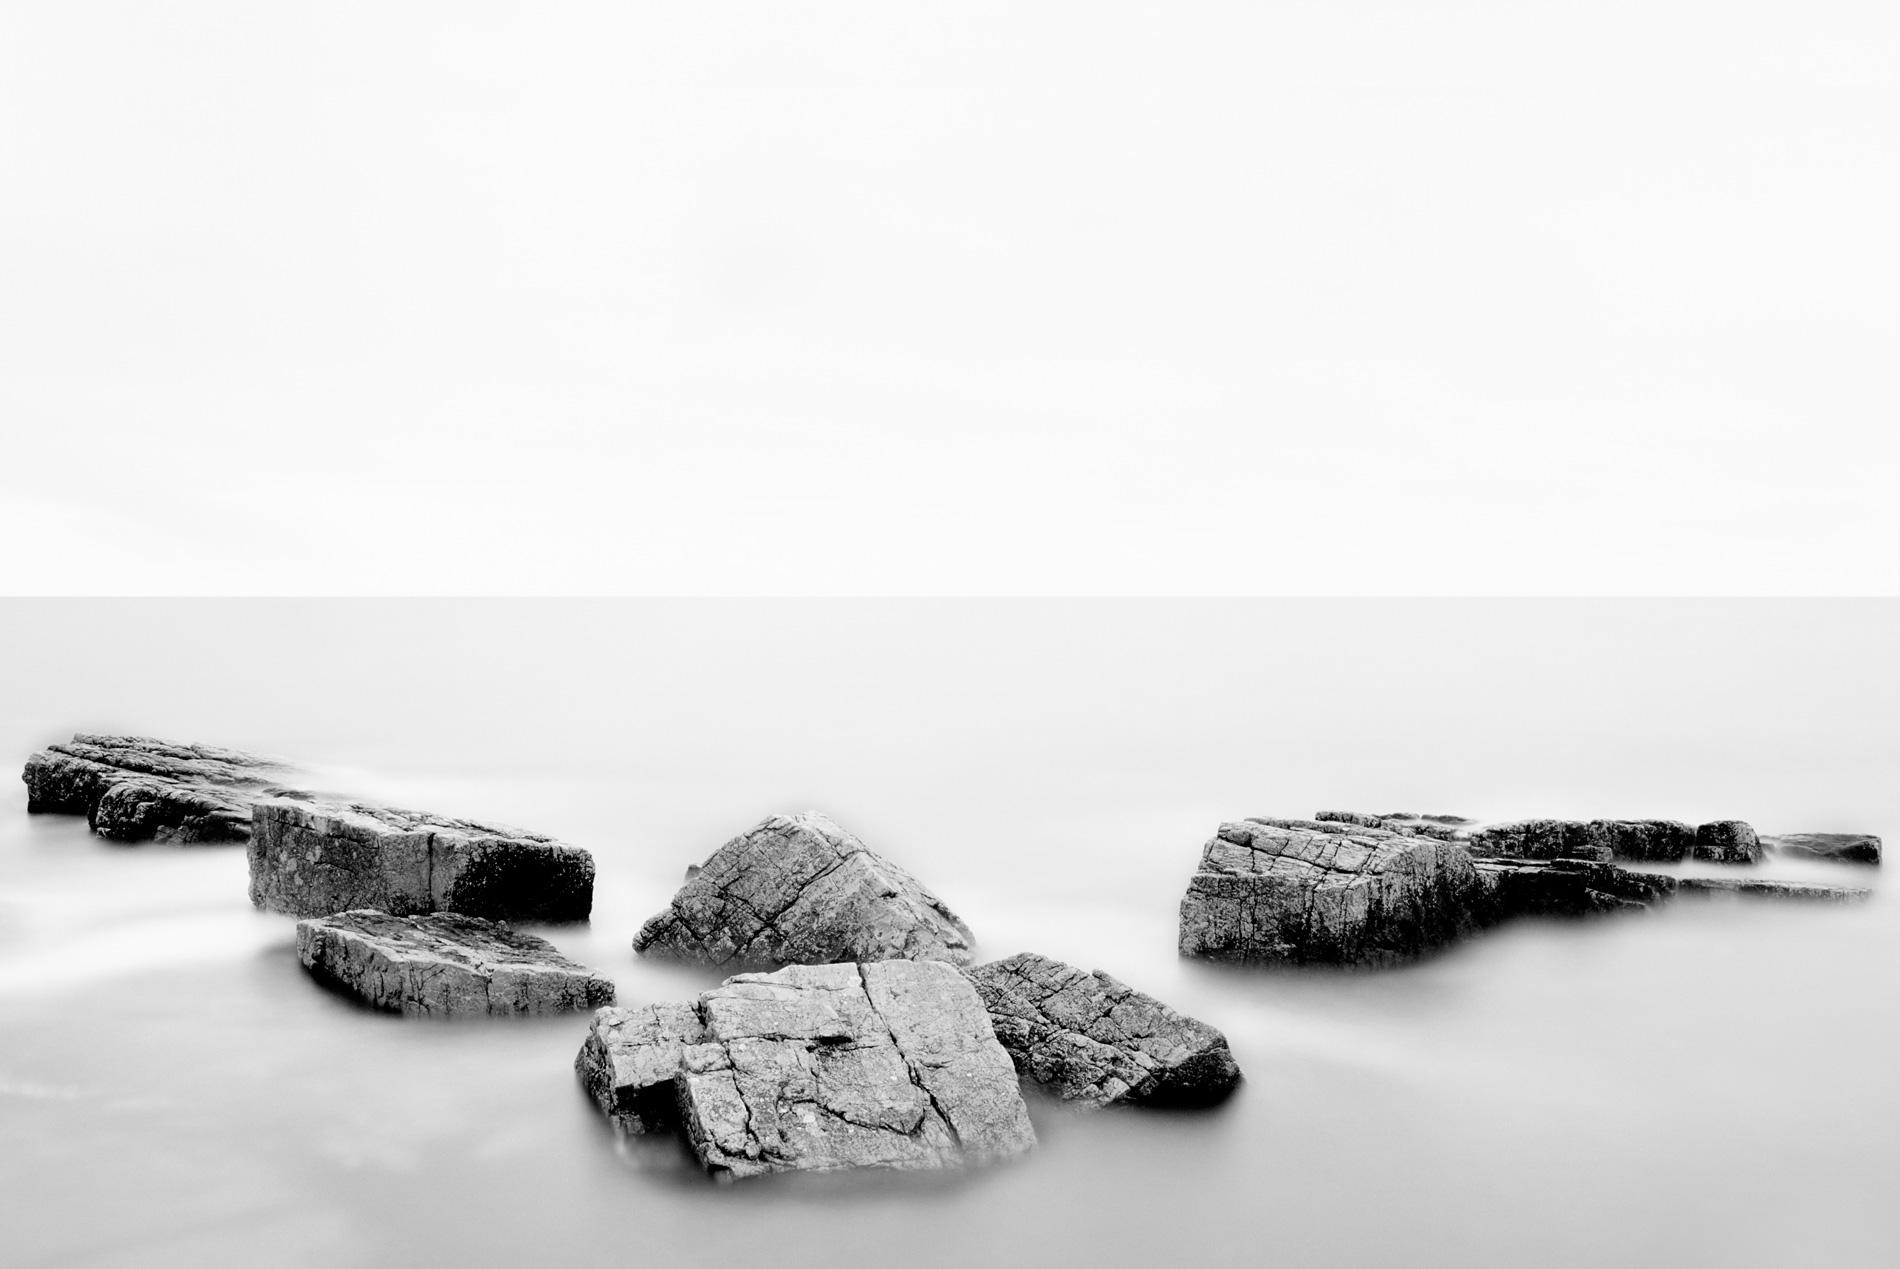 Rocks & Water 02